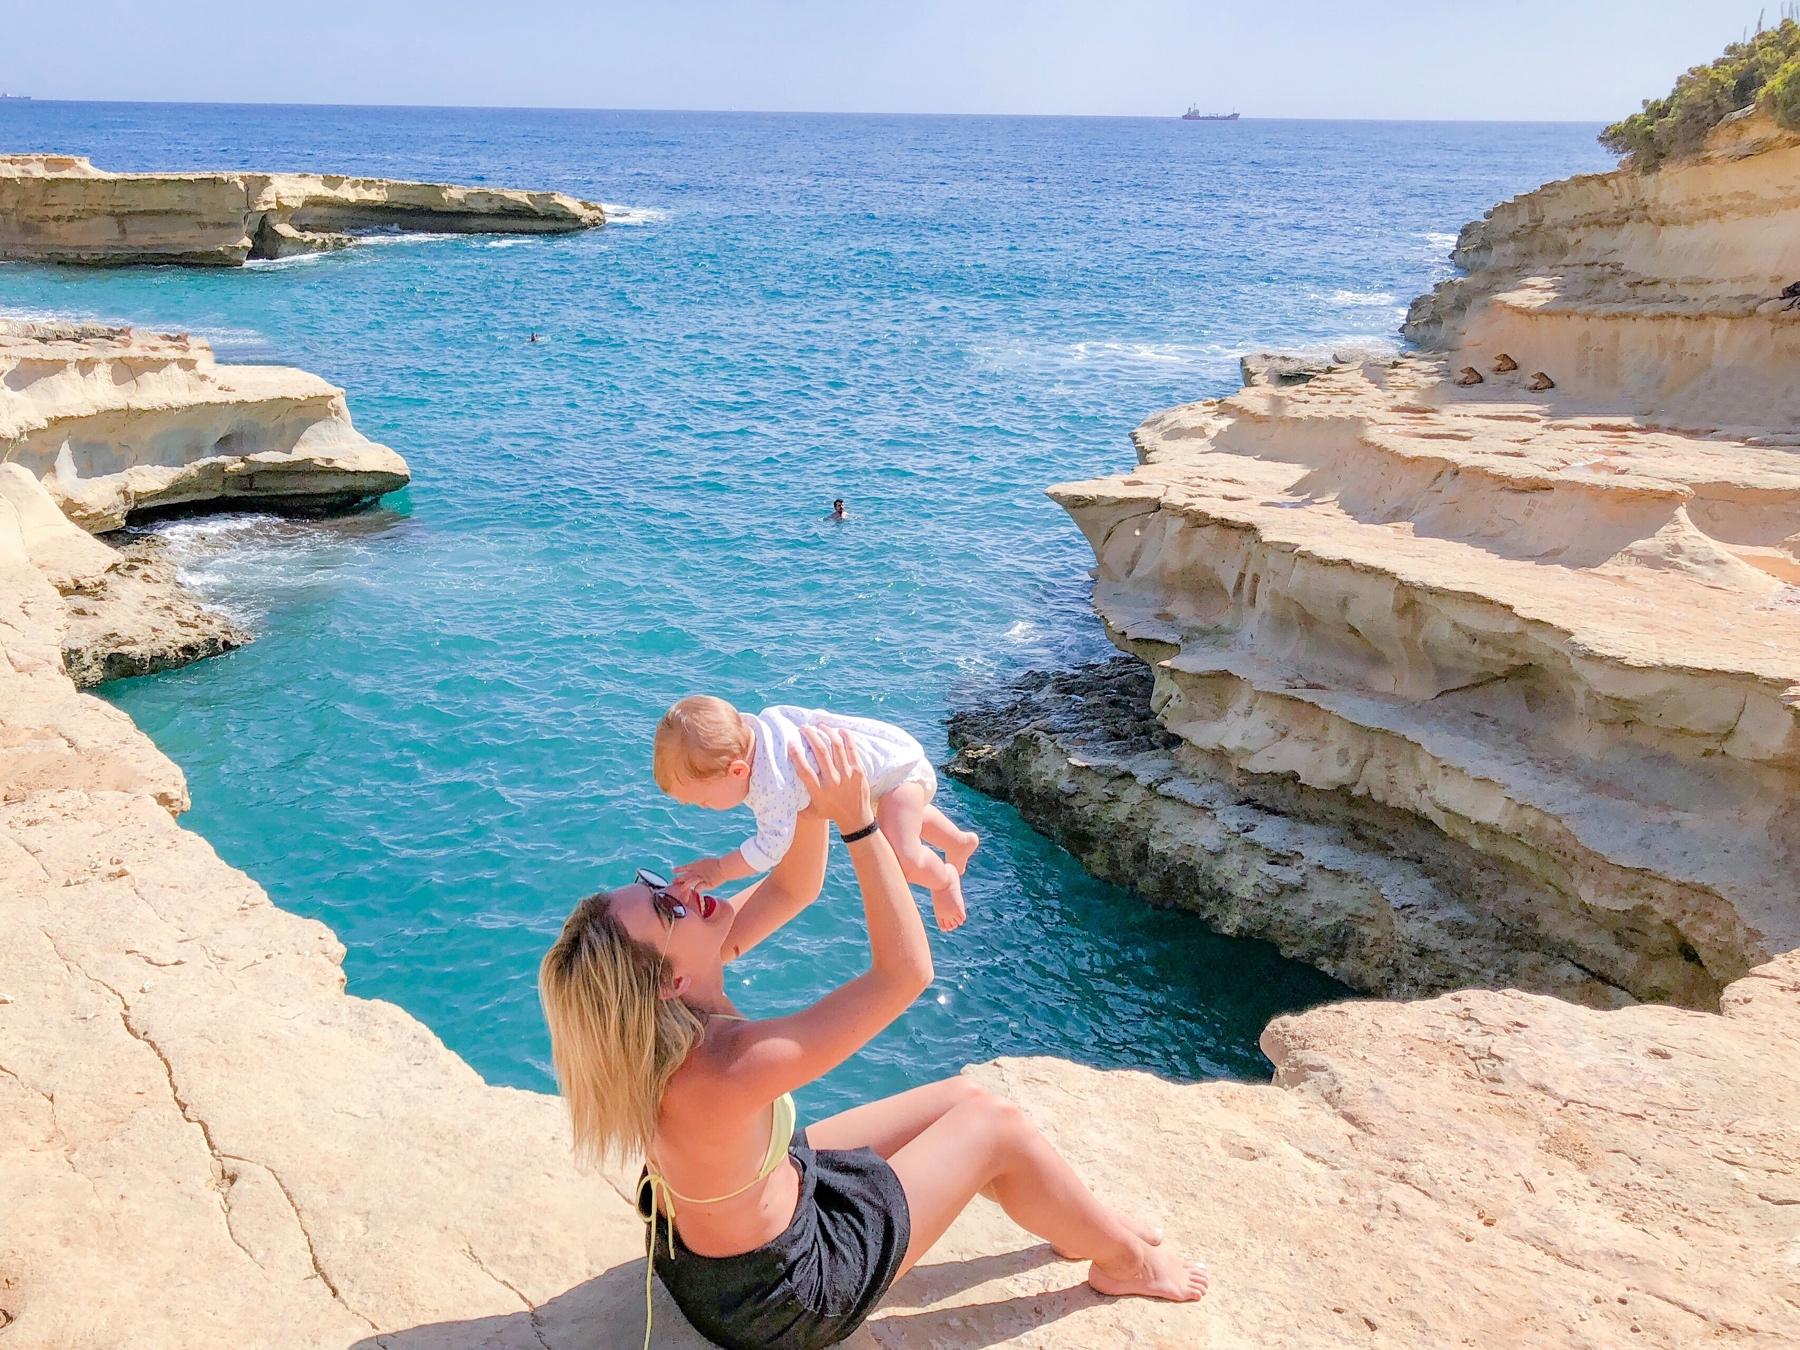 melhores praia na europa - melhores destinos praia europa